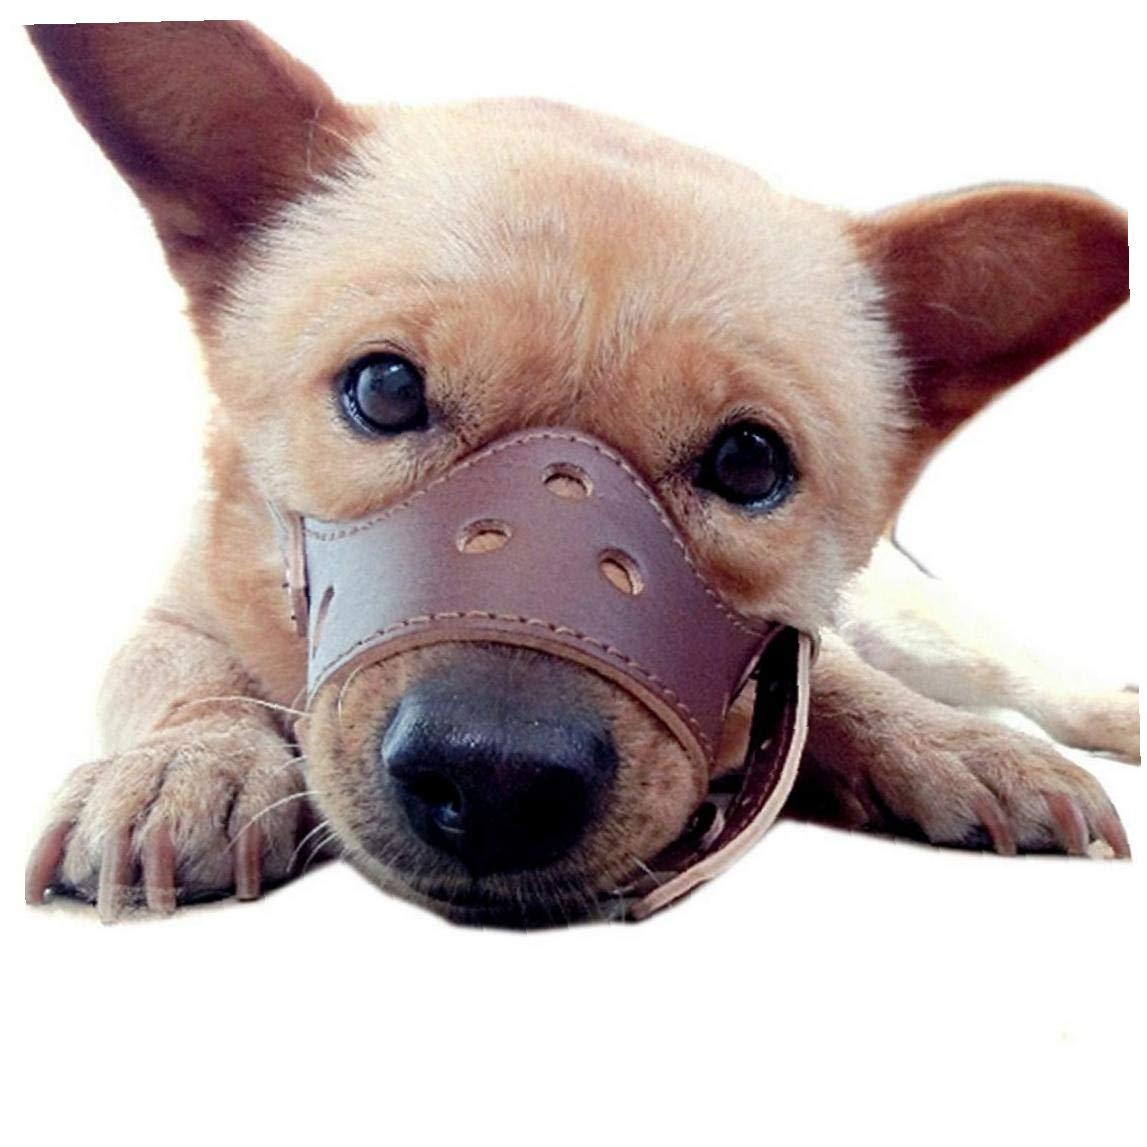 TDlmfRDi Pr/áctica Hocico del Perro De La PU Durable Reemplazo Boca Cubierta Que Aisla De Mascar Bozal para El Animal Dom/éstico Brown S